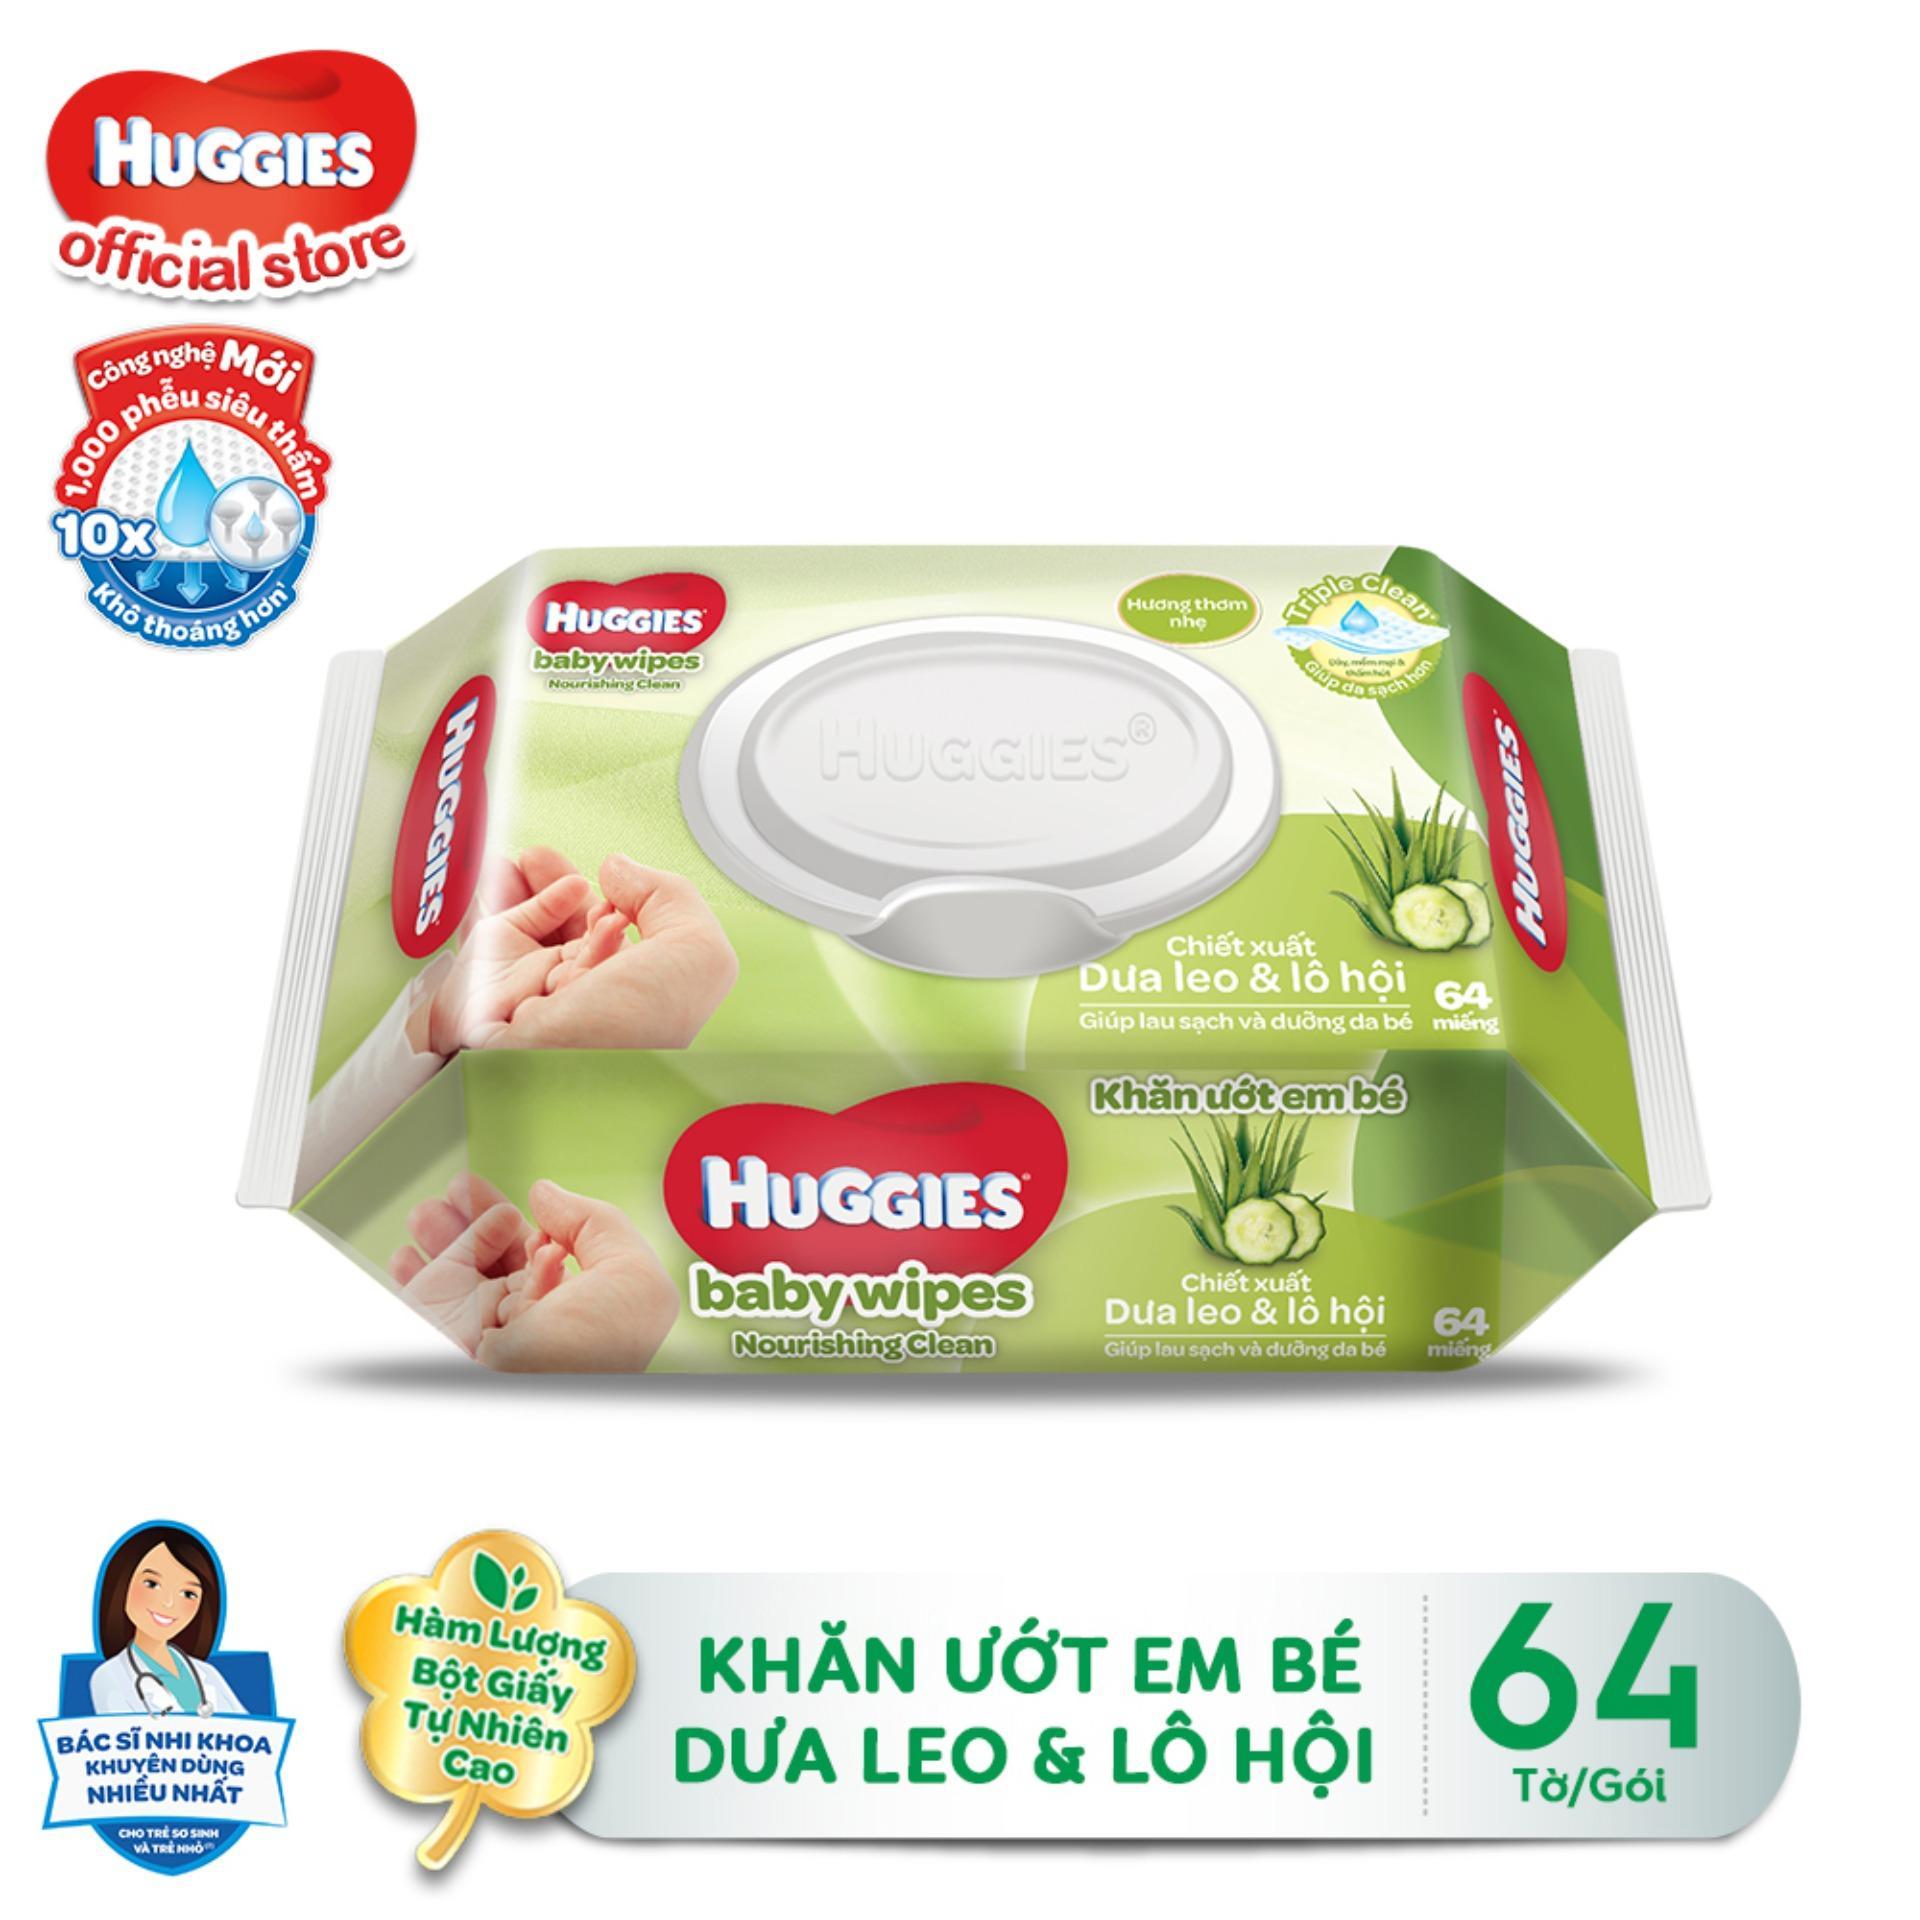 Khăn giấy ướt cho trẻ sơ sinh HUGGIES, gói 64...